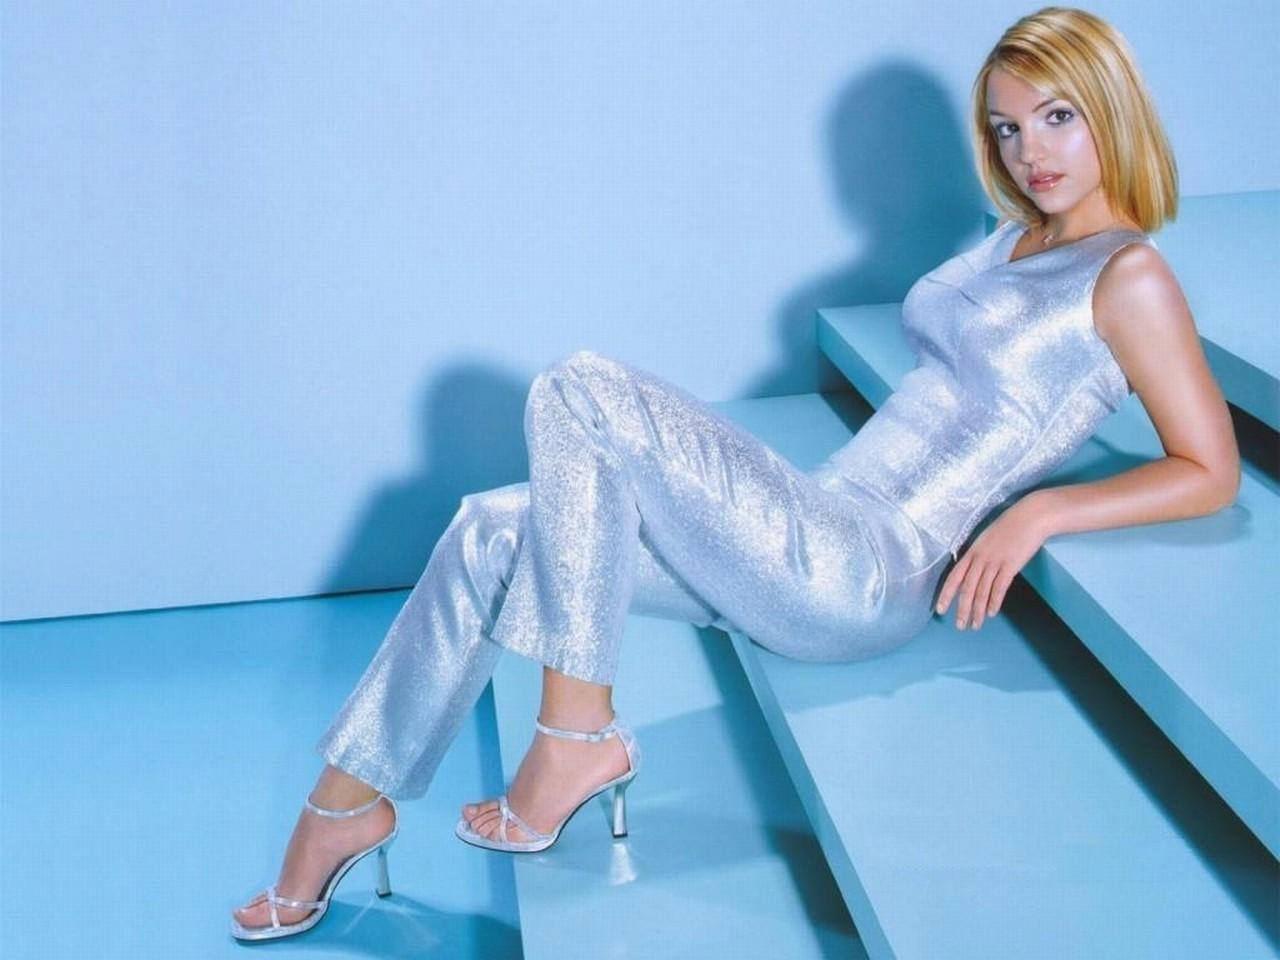 http://1.bp.blogspot.com/-go3OP_GYYq8/TfuRKpYpGOI/AAAAAAAABfo/5frmNbodY0w/s1600/Britney-Spears-102.jpg